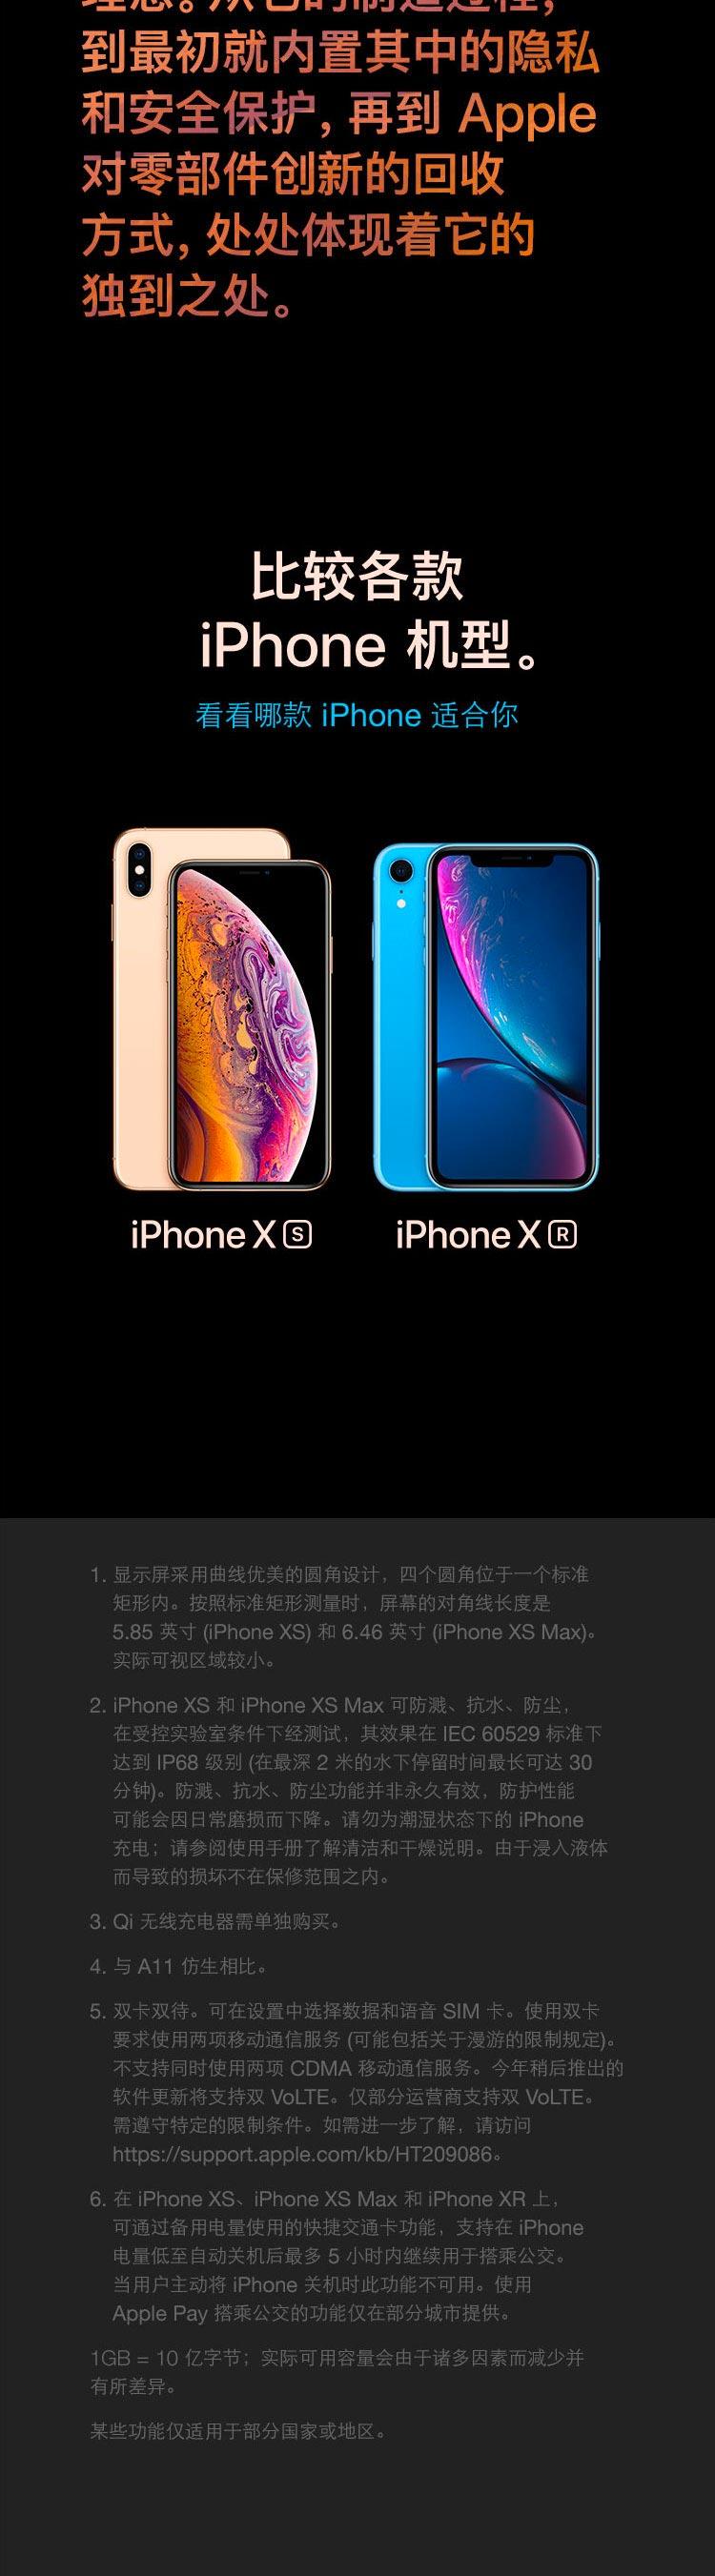 中山手机网 苹果(apple) iphonexsmax手机专卖